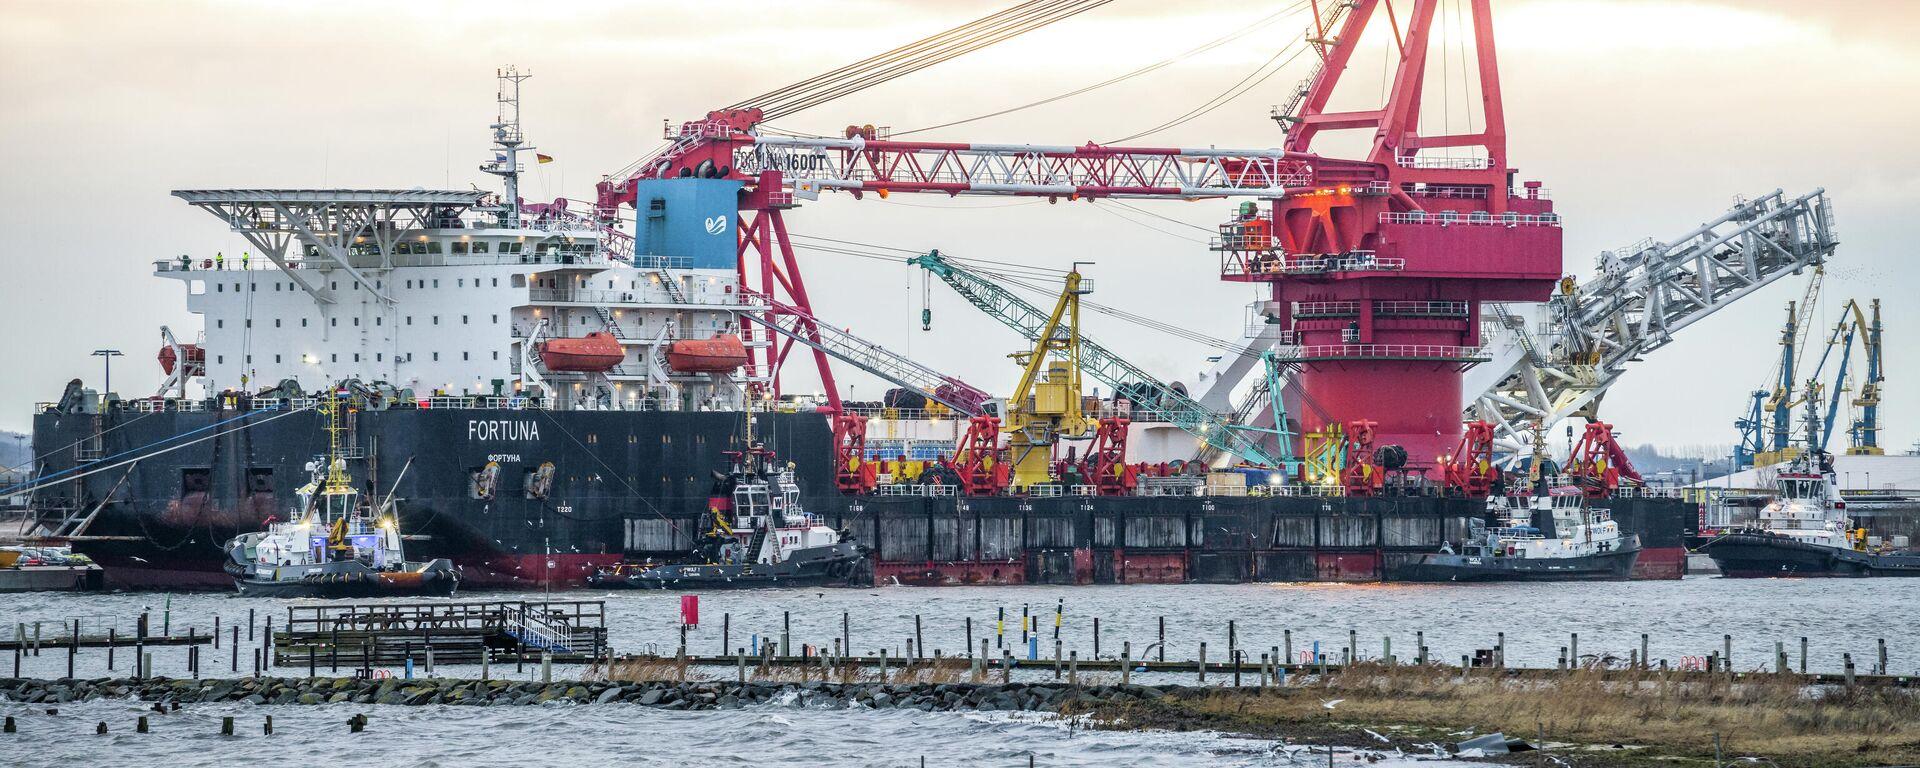 Rohrlegeschiff Fortuna, das an den Bauarbeiten im Rahmen des Projekts Nord Stream 2 teilnimmt, in Wismar (Archivbild) - SNA, 1920, 24.06.2021